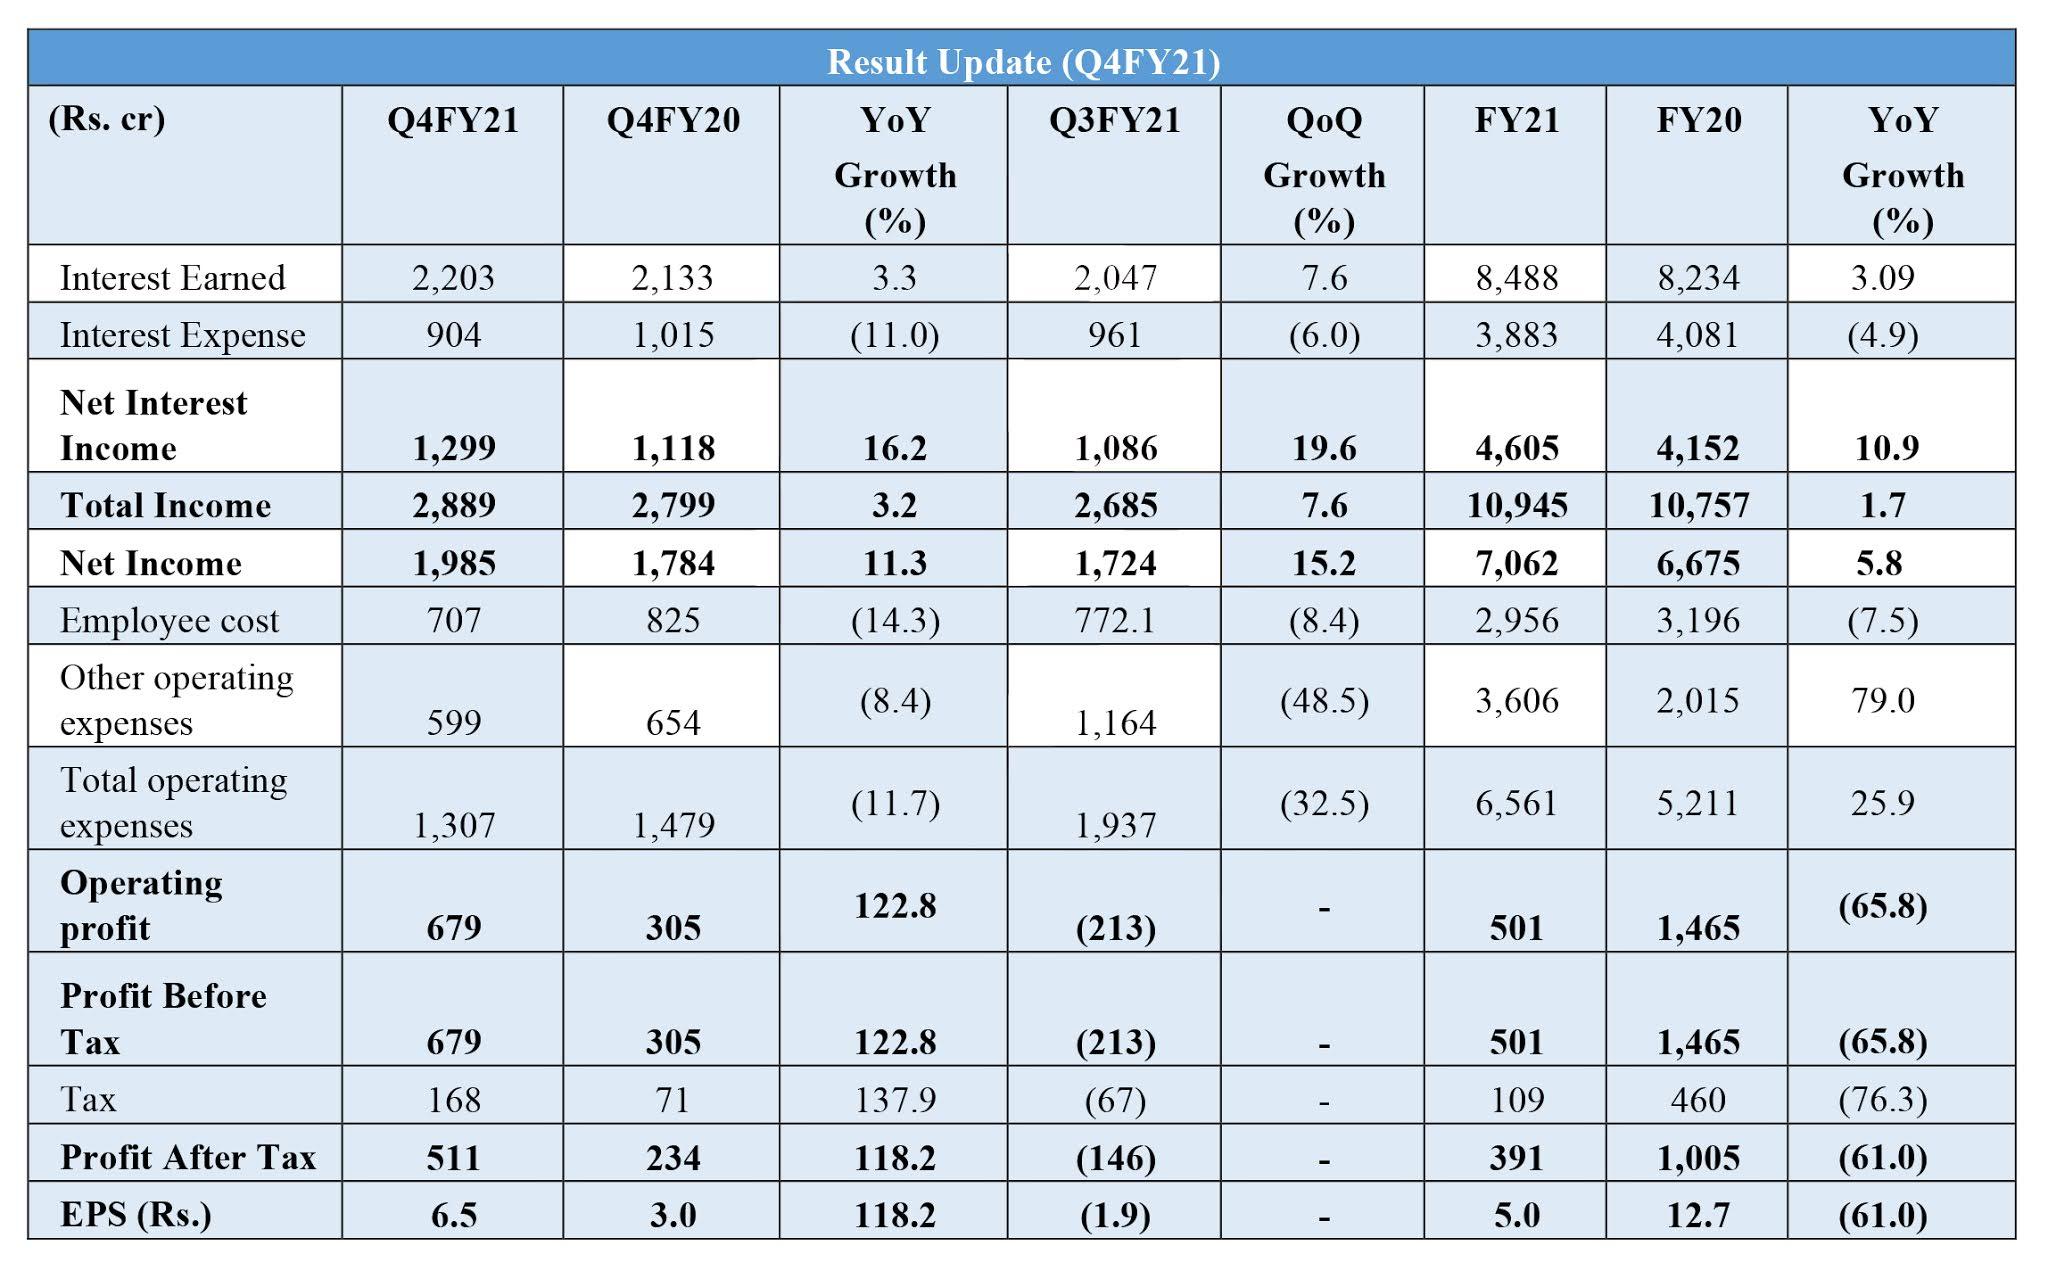 Result-Highlight-HDB-Financial-Services-